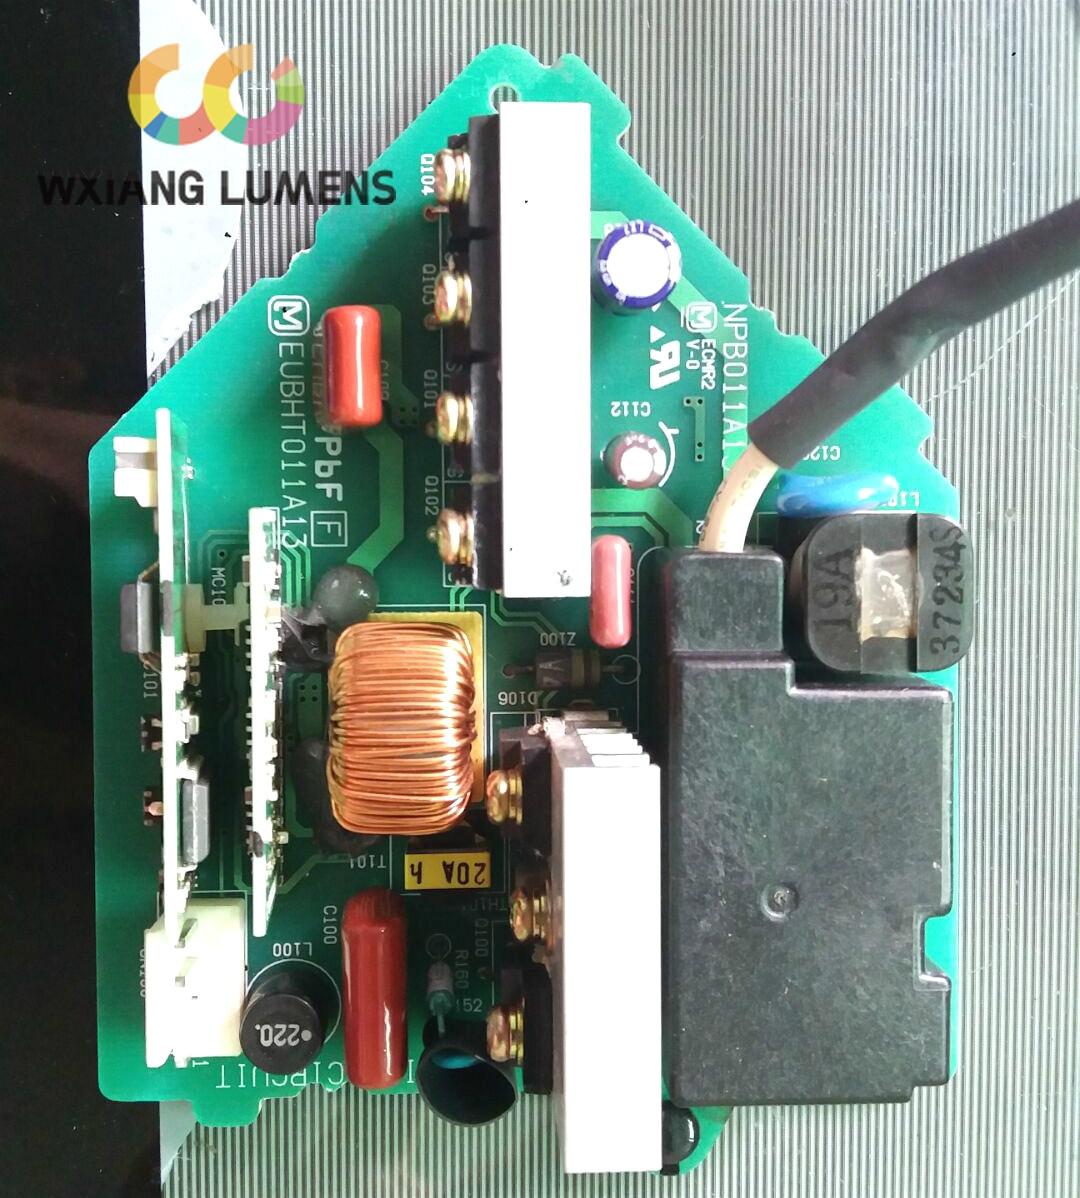 العارض الصابورة مصباح مصباح امدادات الطاقة سائق صالح لشركة هيتاشي CP-HS800 NPB011A13-1 EUBHT011A13